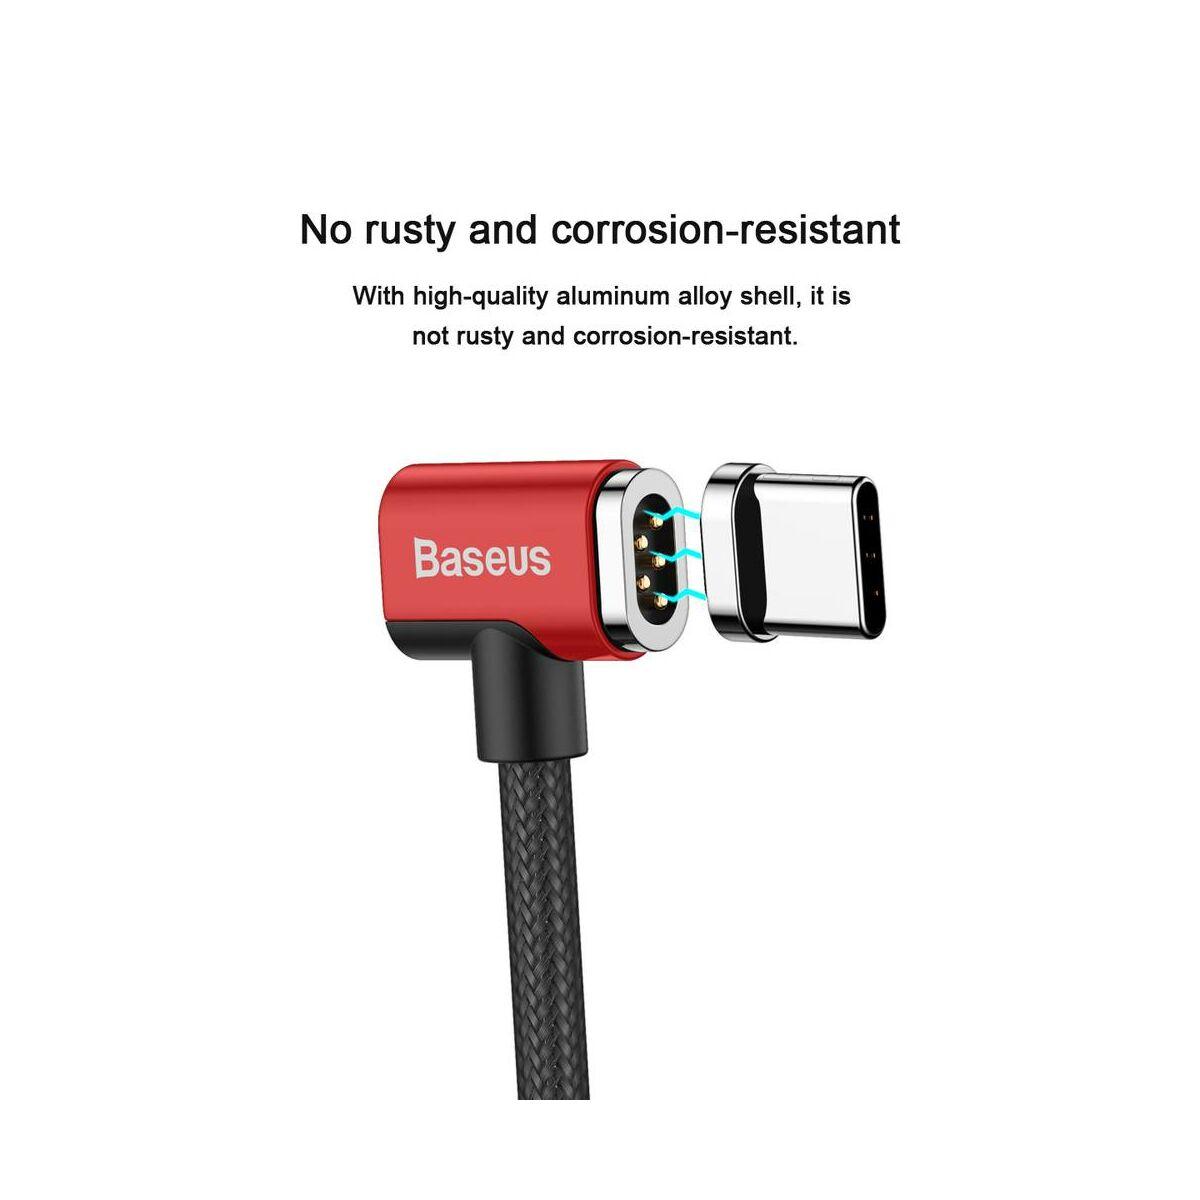 Baseus Mágneses kábel, Type-C - Type-C töltős Laptophoz max 86W, 4.3A, 1.5m, piros/fekete (CATBL-91)